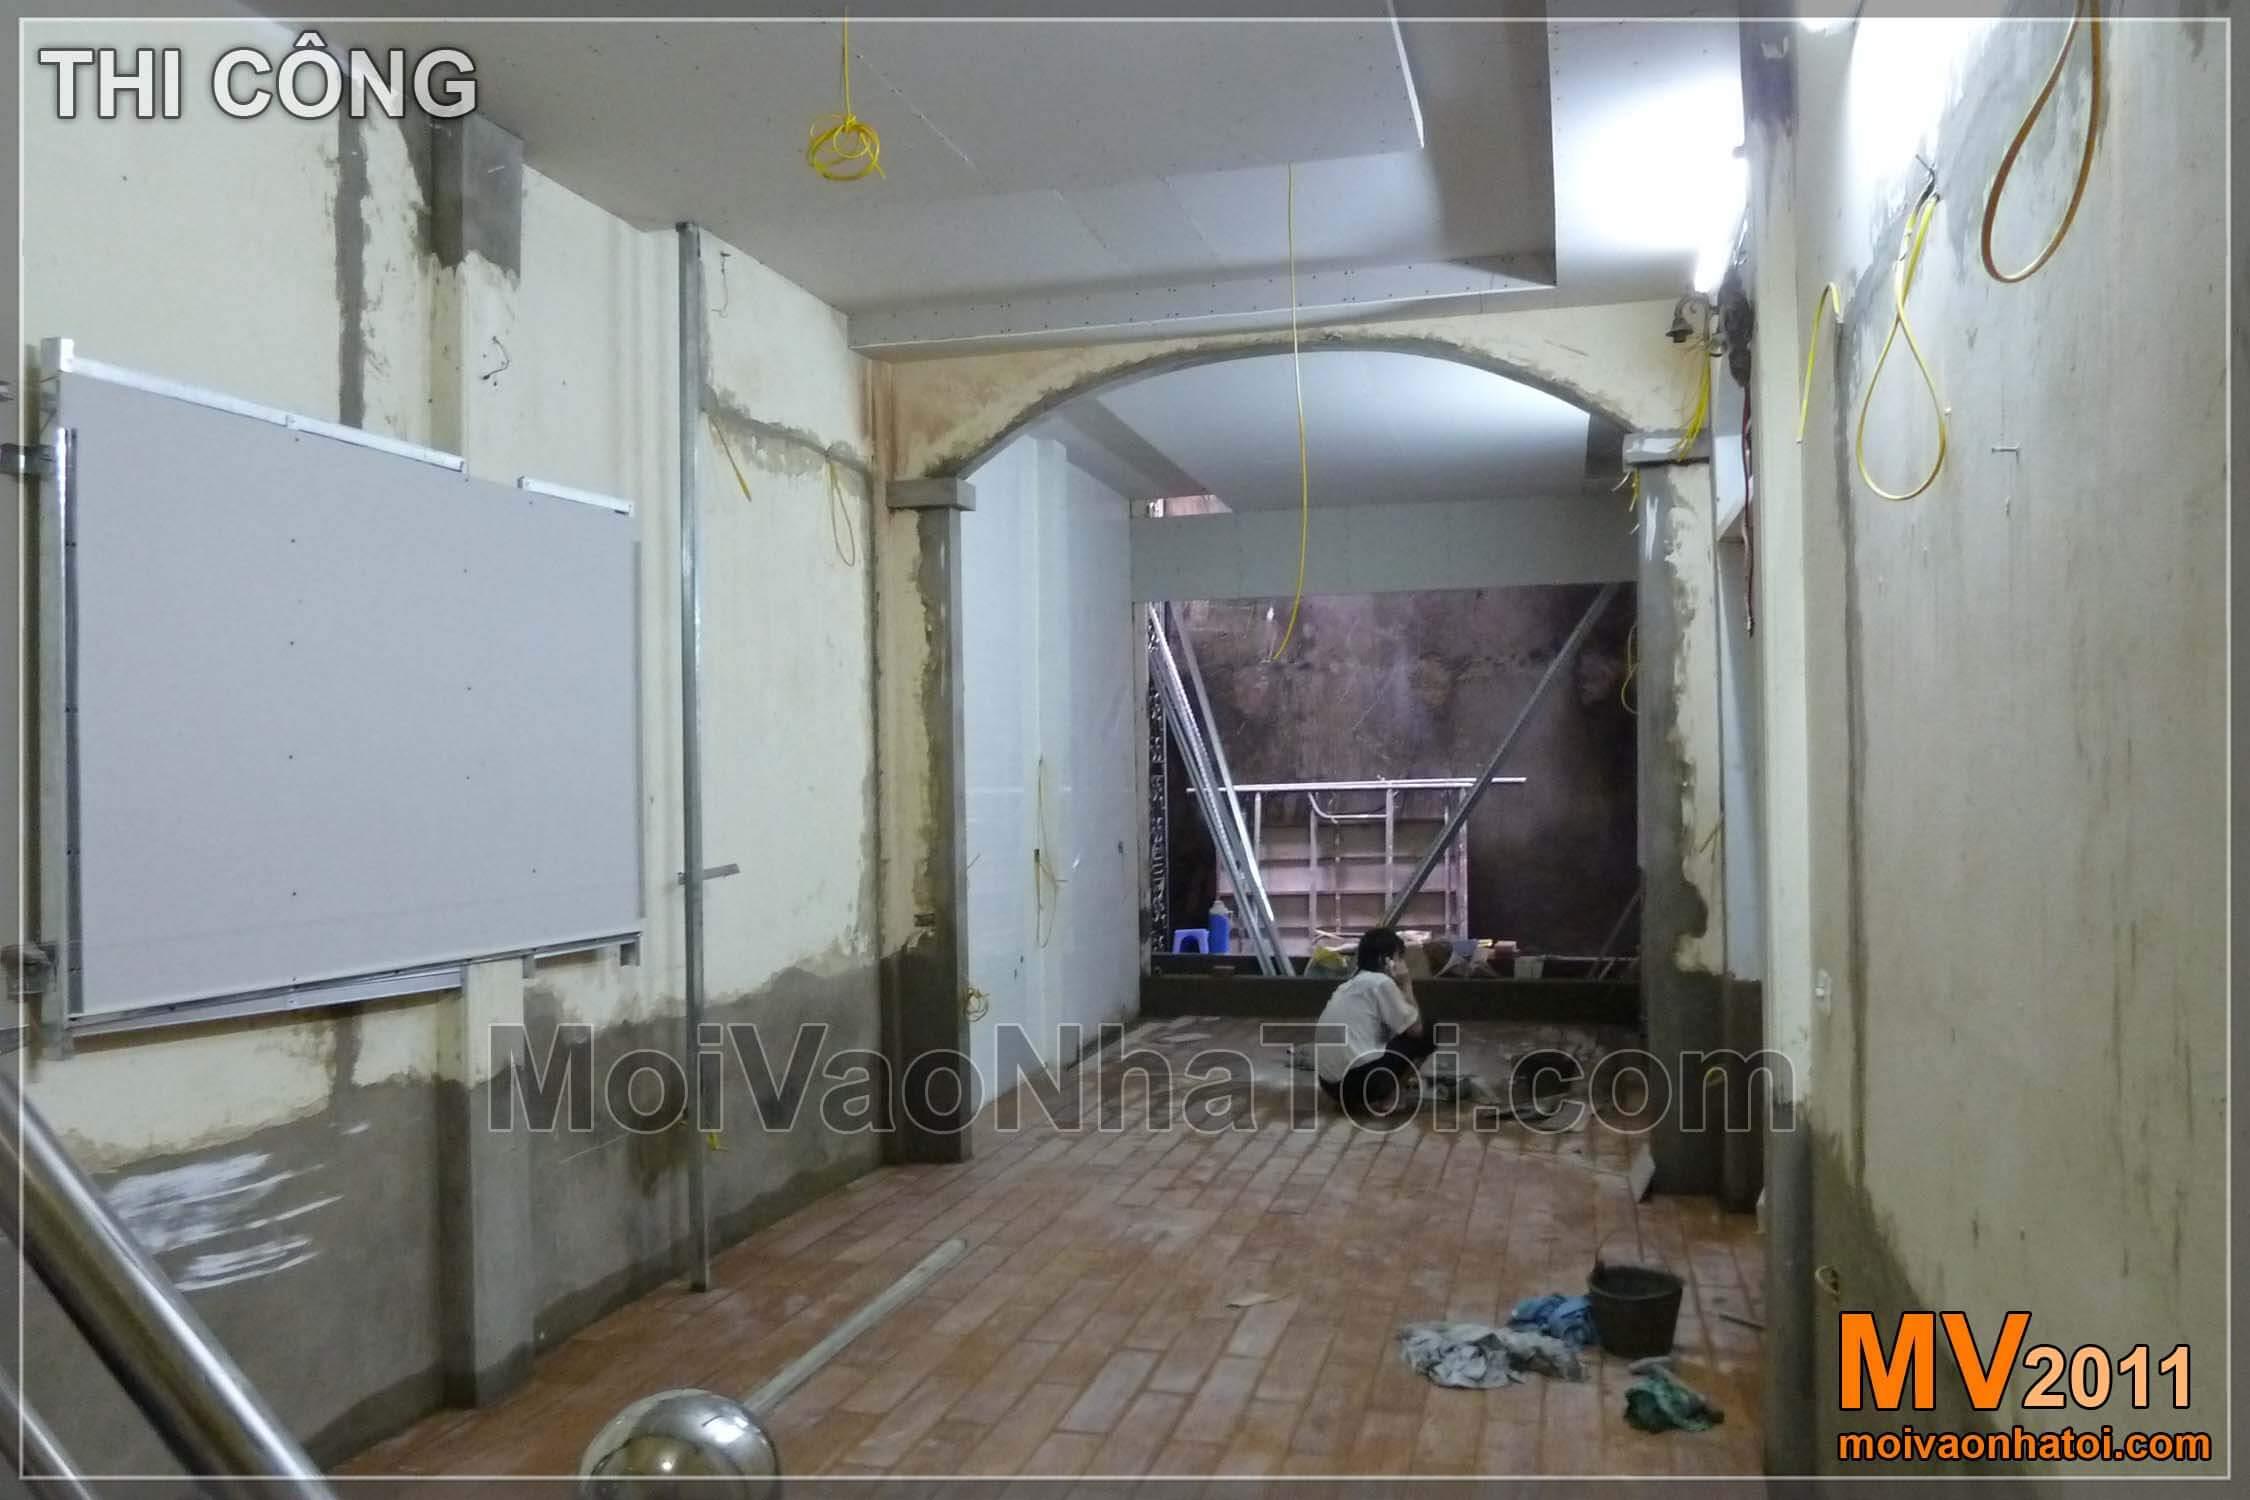 Phá tường ngăn phòng bếp và phòng khách